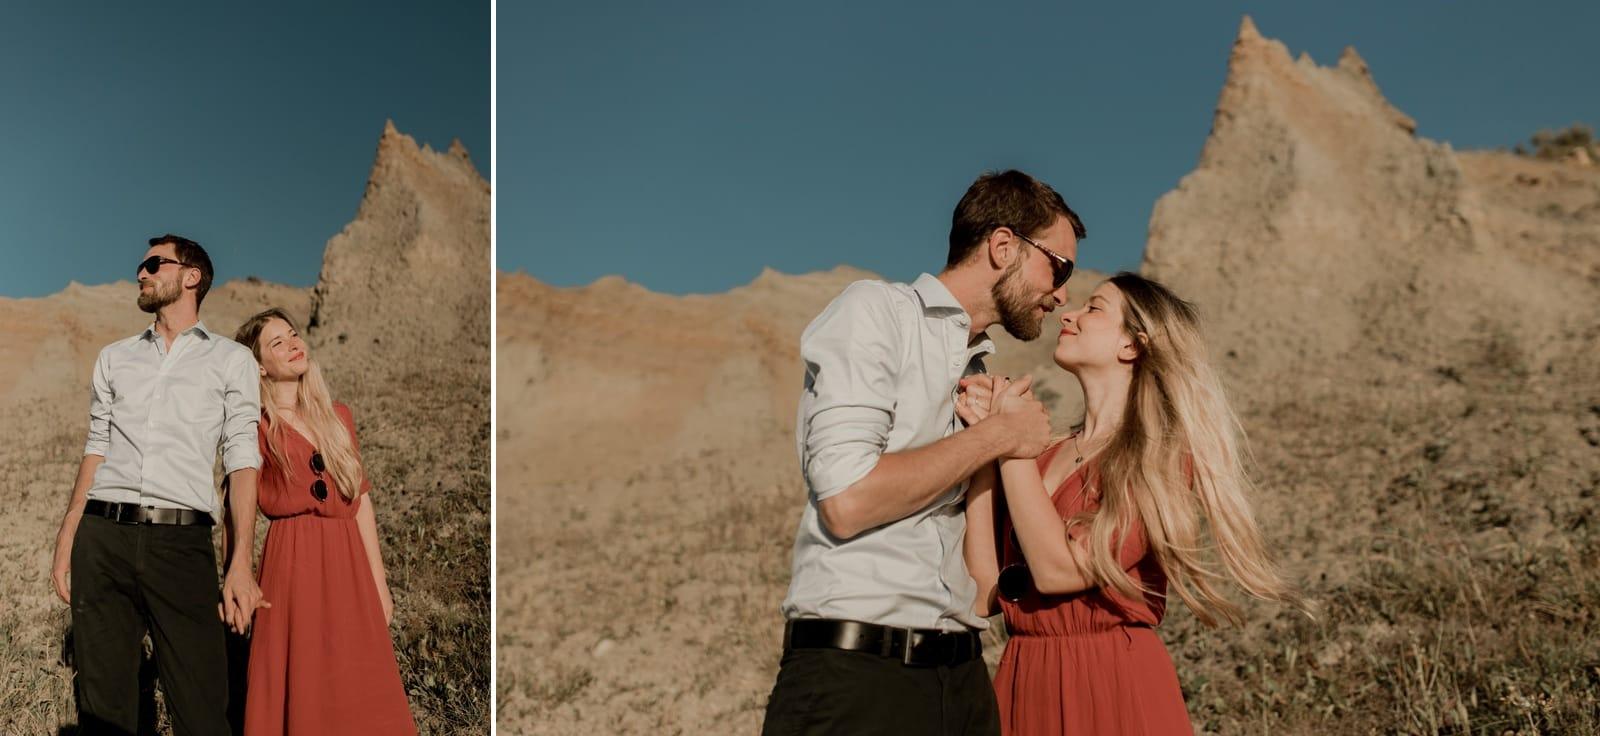 séance photo engagement couple en normandie